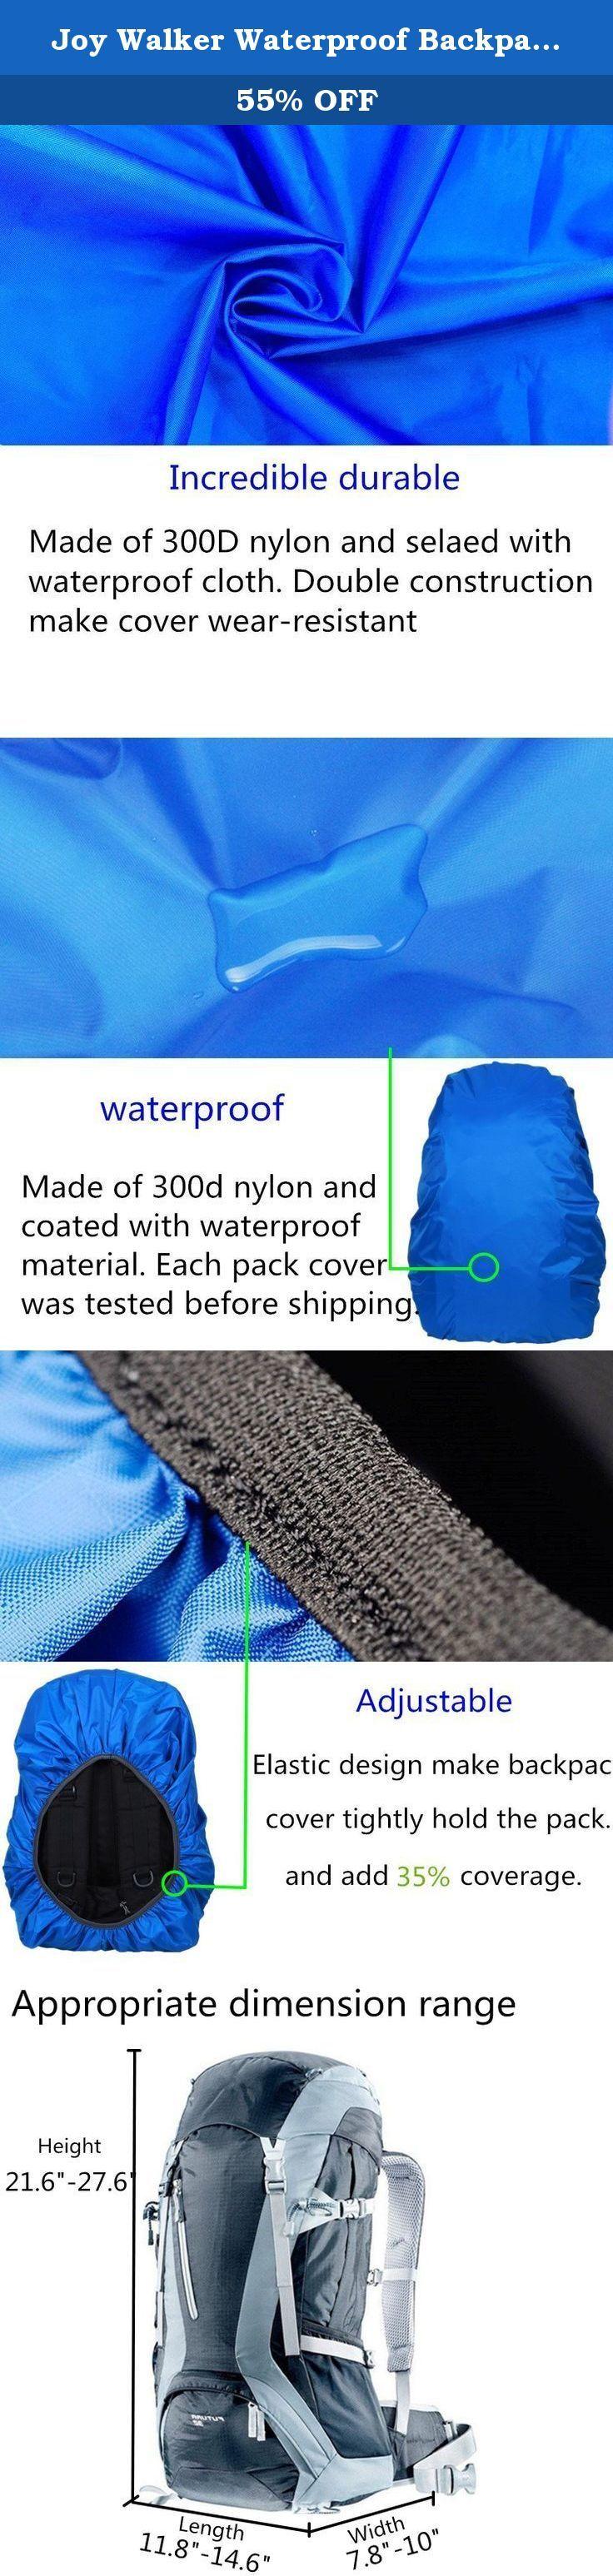 Oltre 1000 idee su 55l Backpack su Pinterest | Suggerimenti per ...